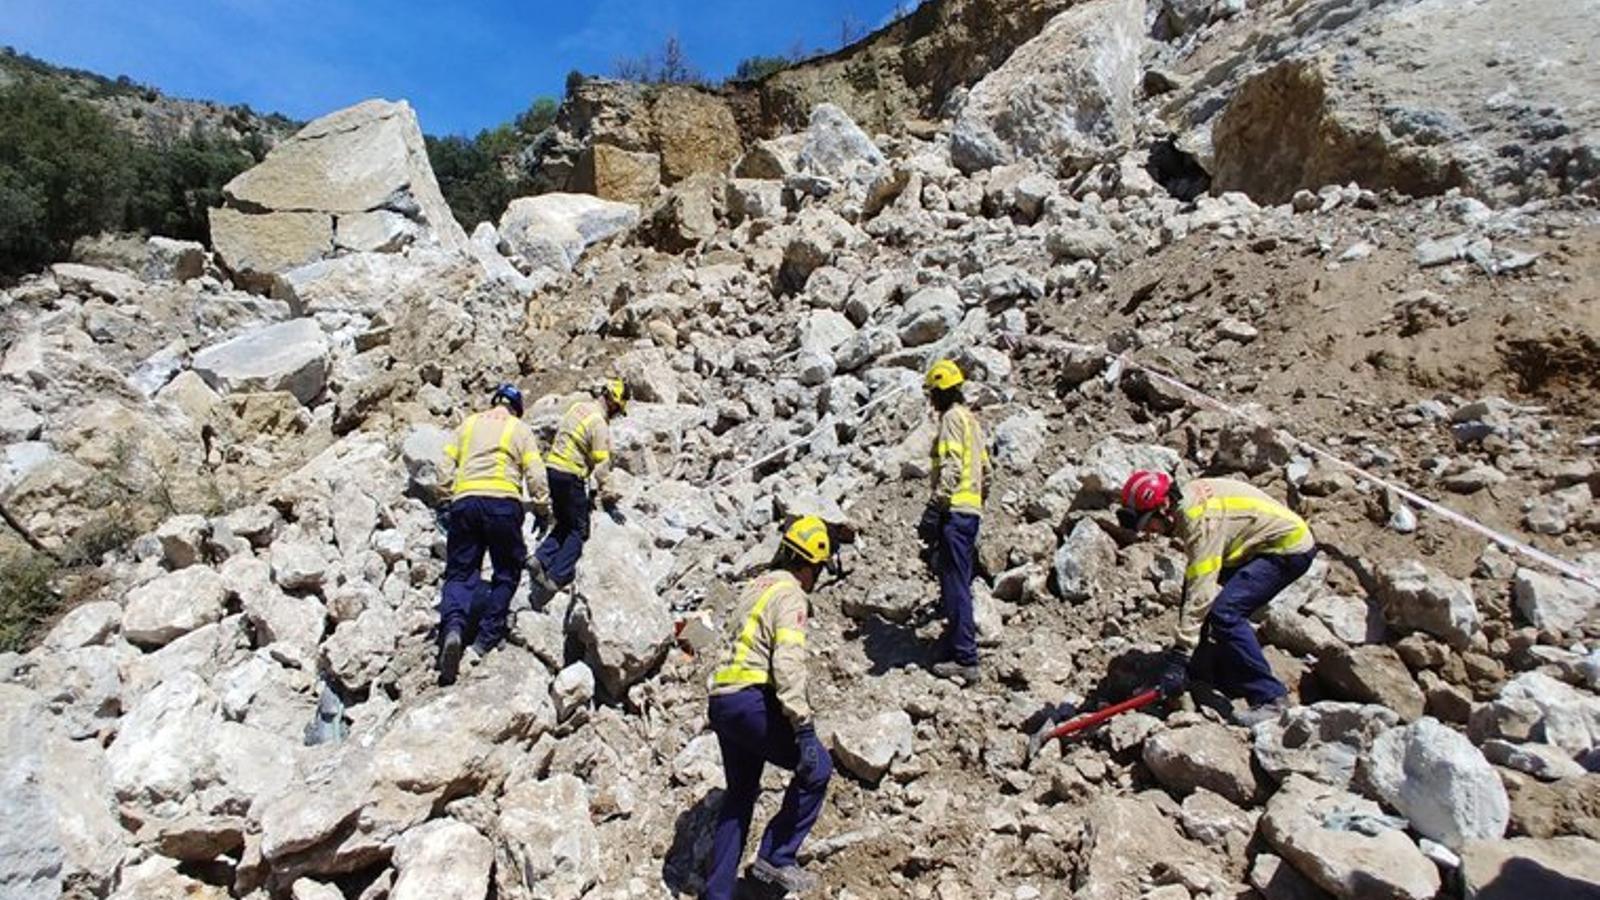 Els efectius d'emergències s'han centrat en una zona de quaranta metres quadrats per localitzar el cotxe sepultat sota l'esllavissada